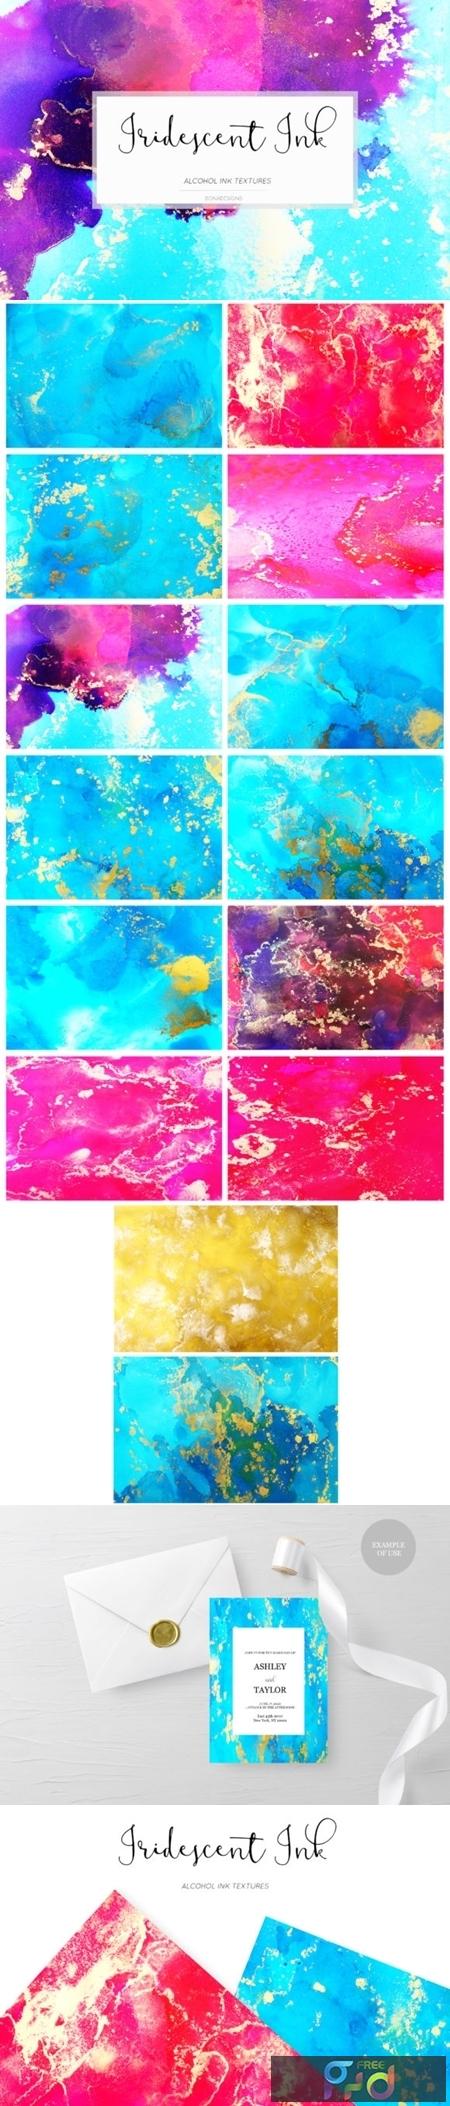 Iridescent Ink Textures 1673750 1